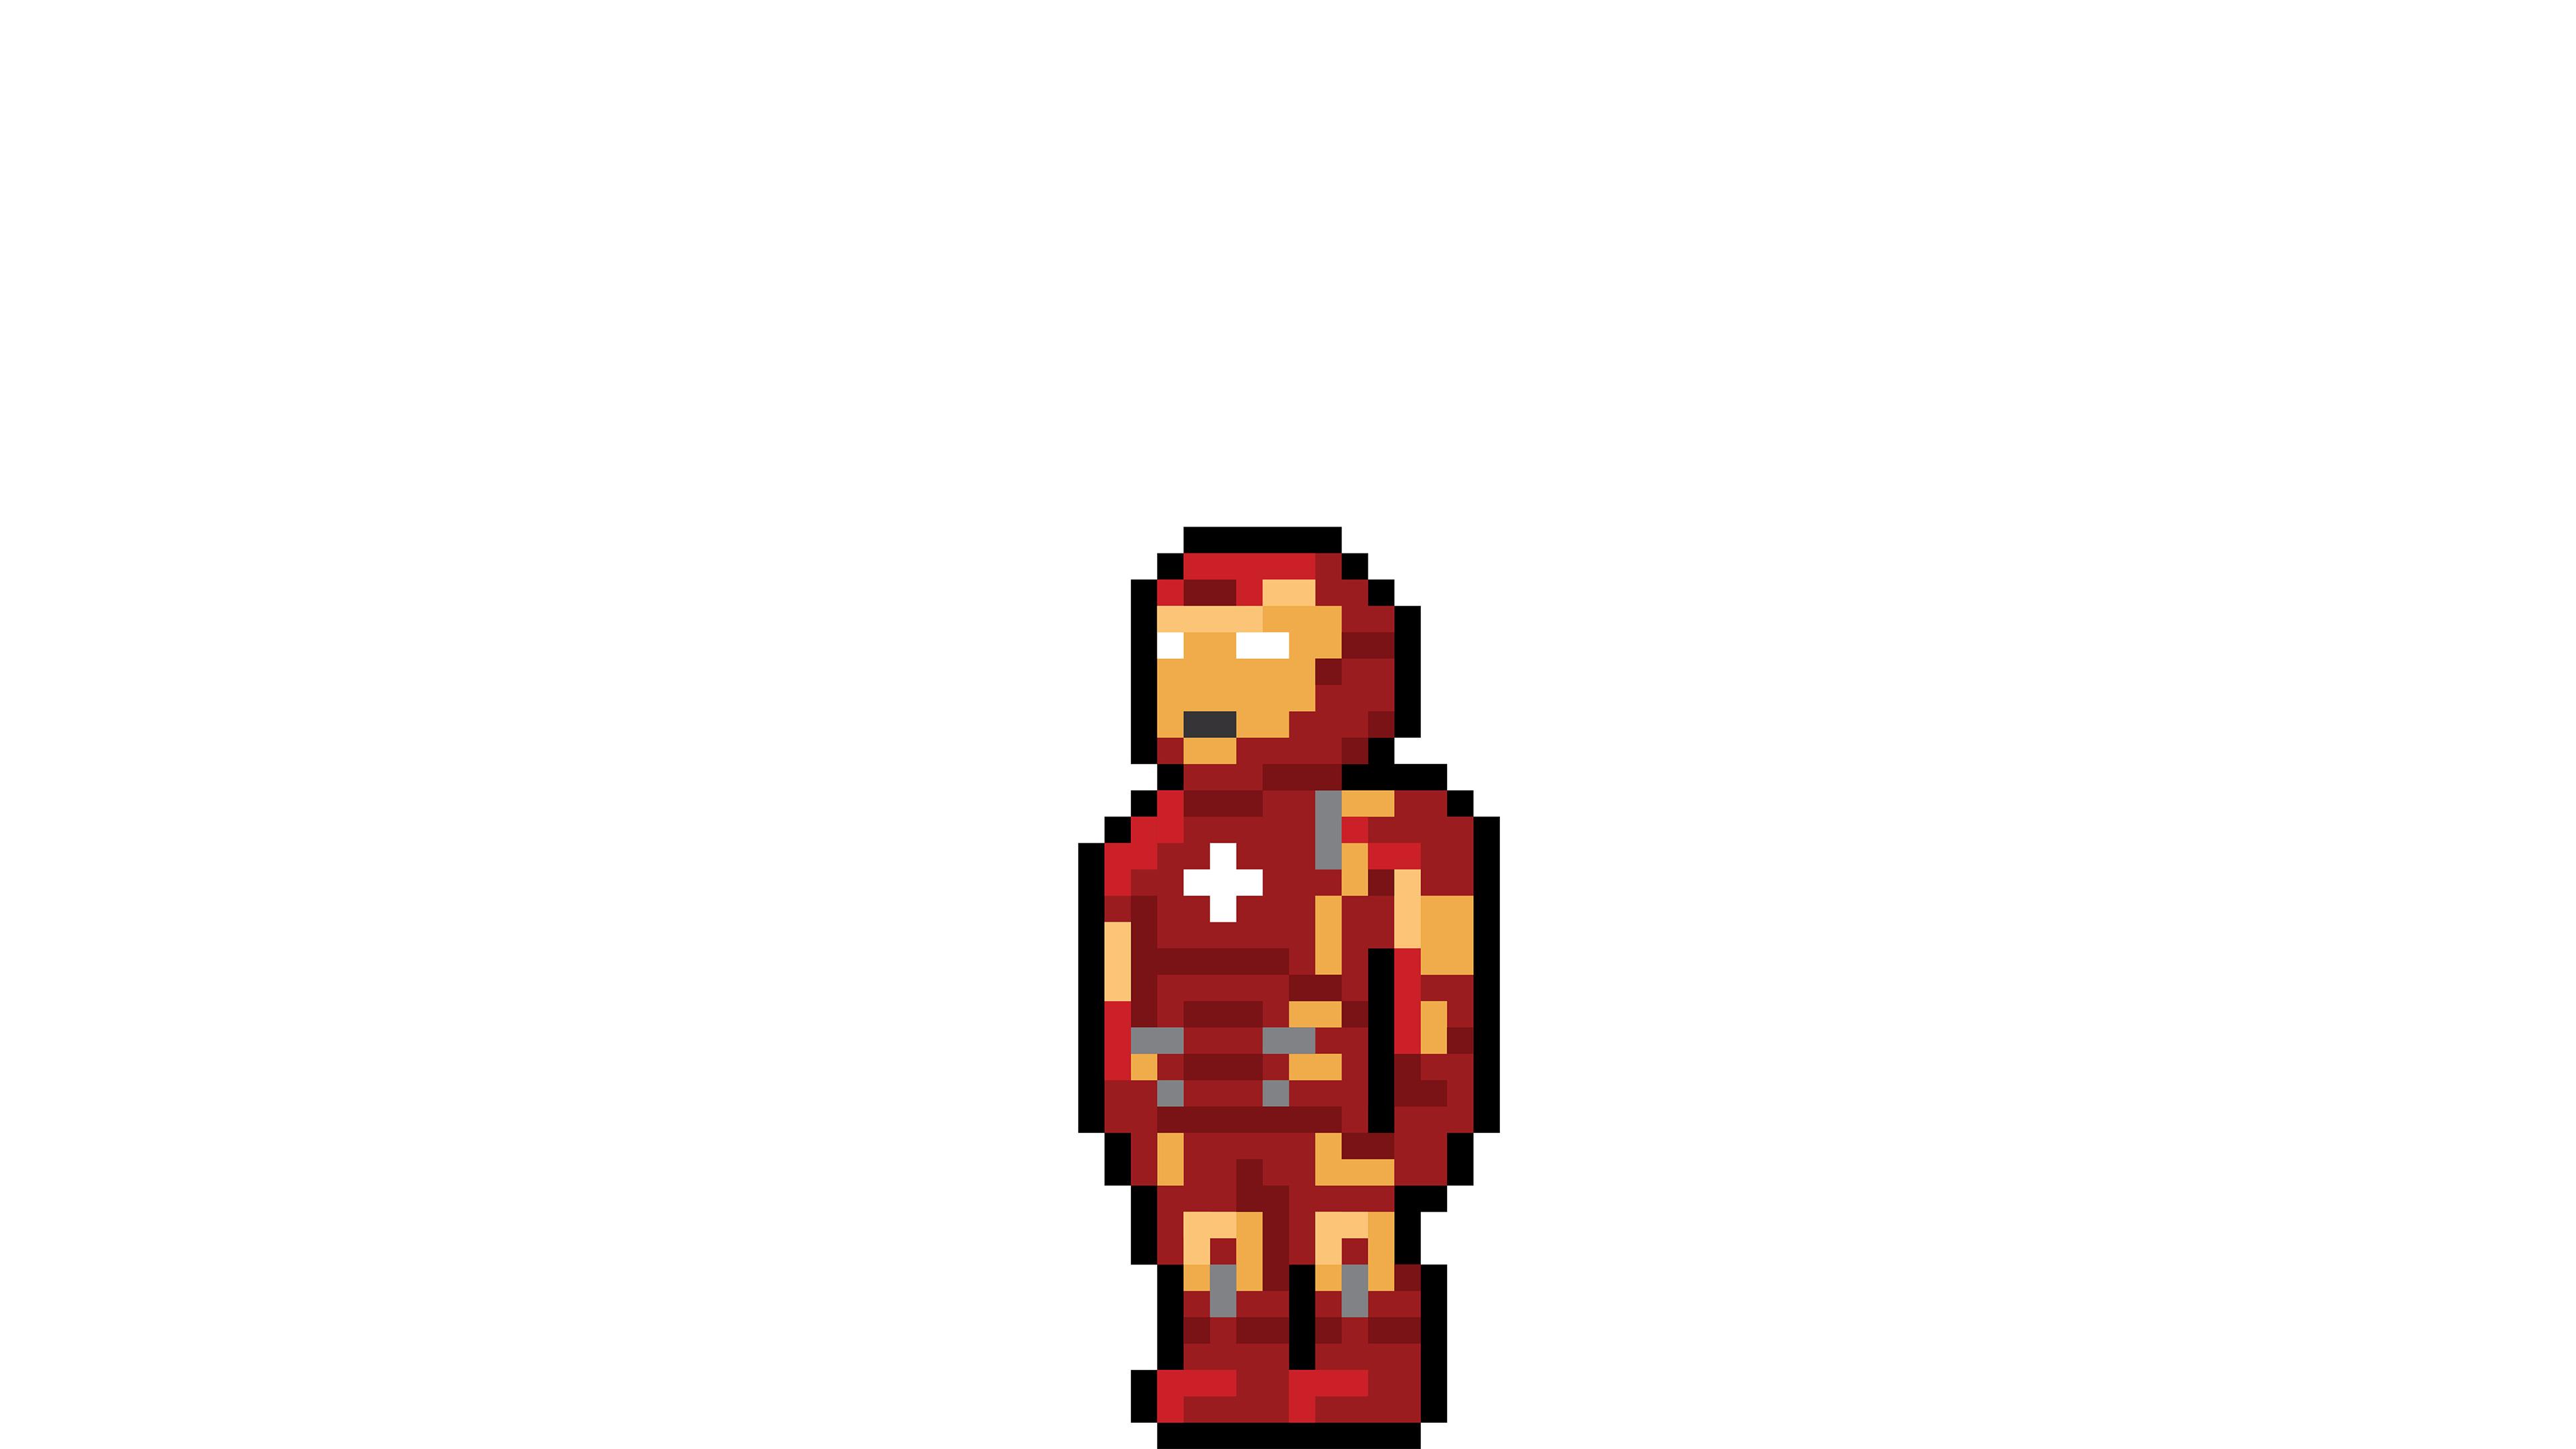 iron man pixel art 1536522577 - Iron Man Pixel Art - superheroes wallpapers, pixel wallpapers, iron man wallpapers, hd-wallpapers, behance wallpapers, artwork wallpapers, artist wallpapers, art wallpapers, 4k-wallpapers